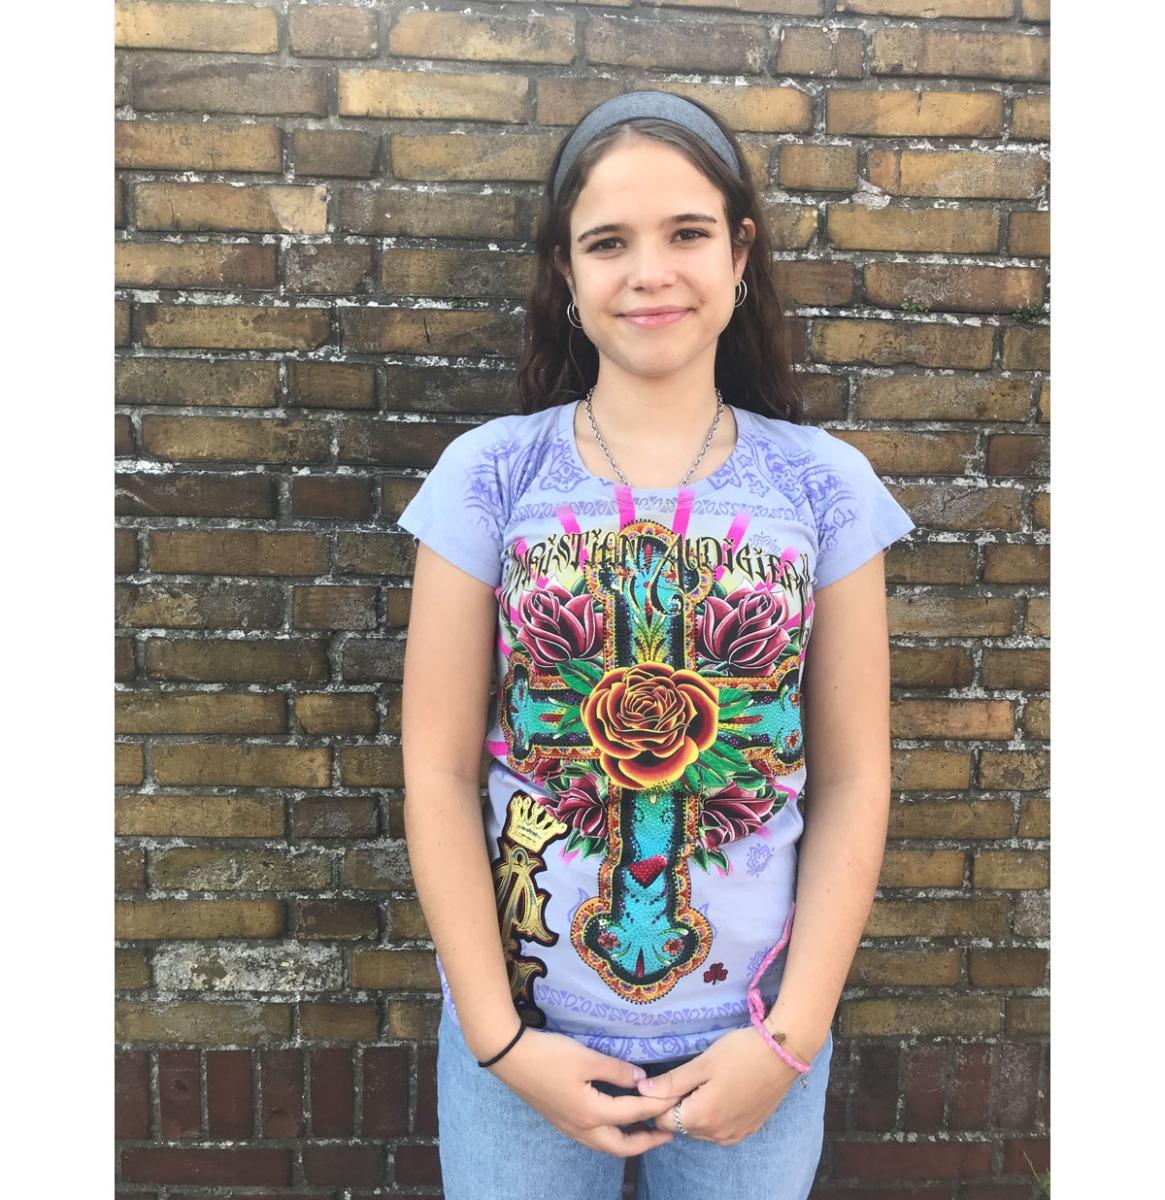 fiftiesstore Christian Audigier Cross Paars Dames T-shirt